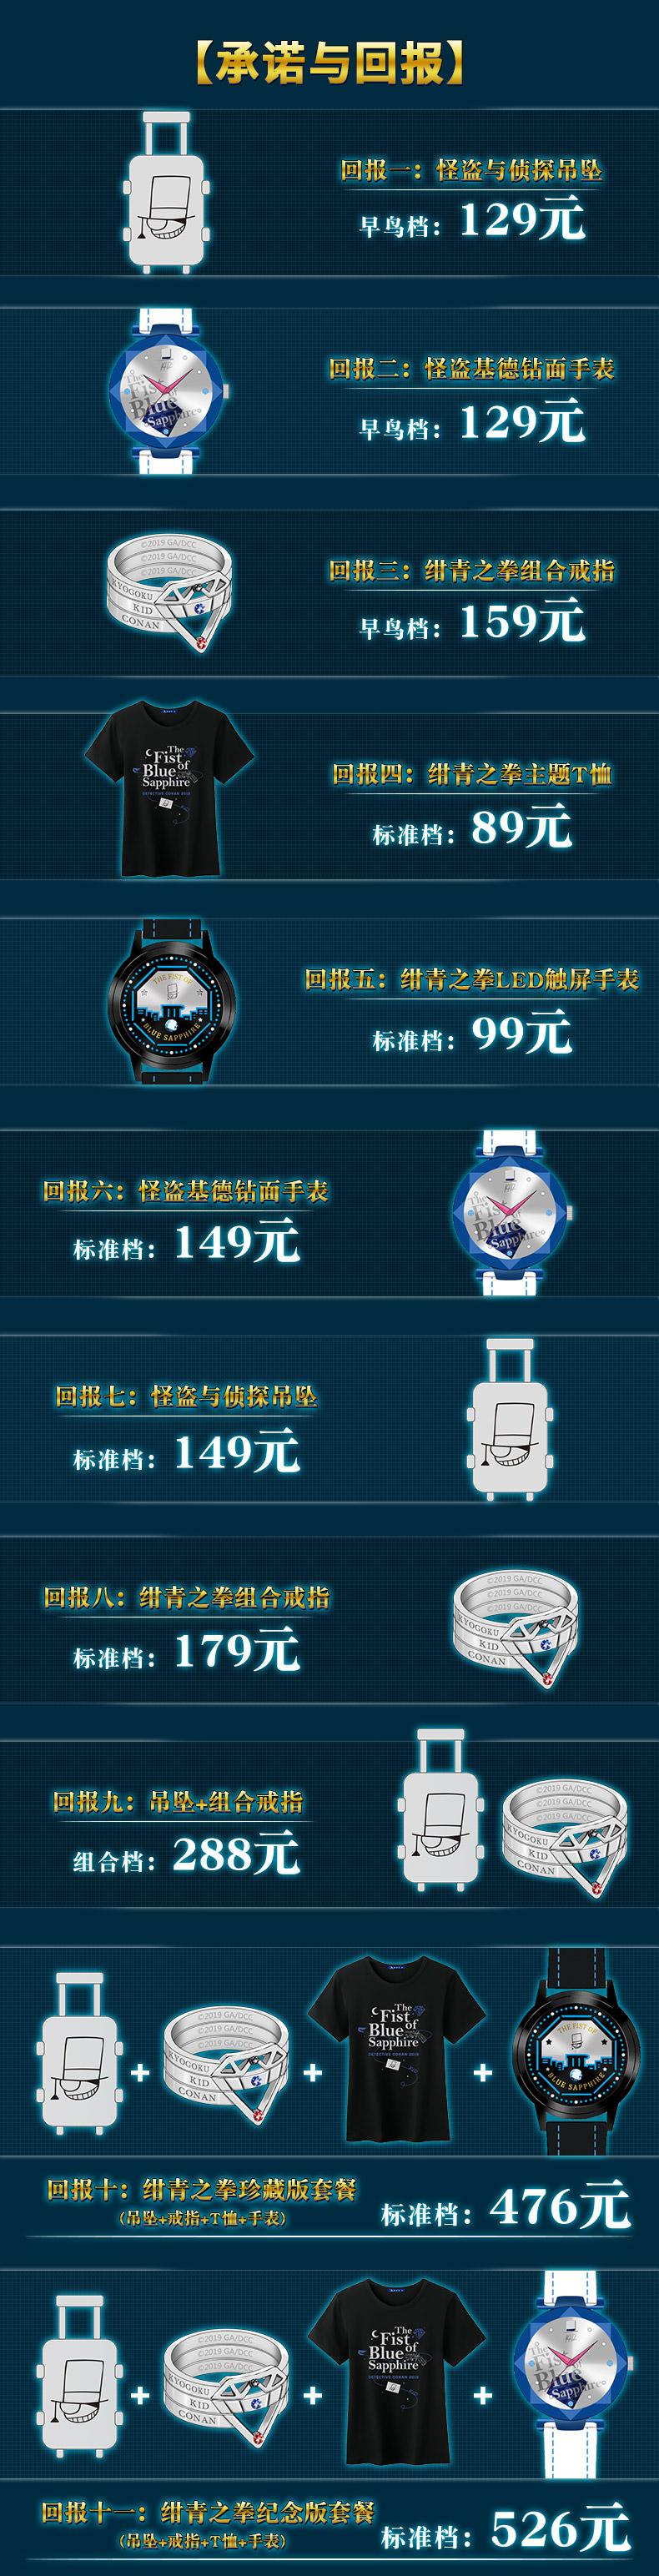 绀青之拳众筹全部档位图.jpg